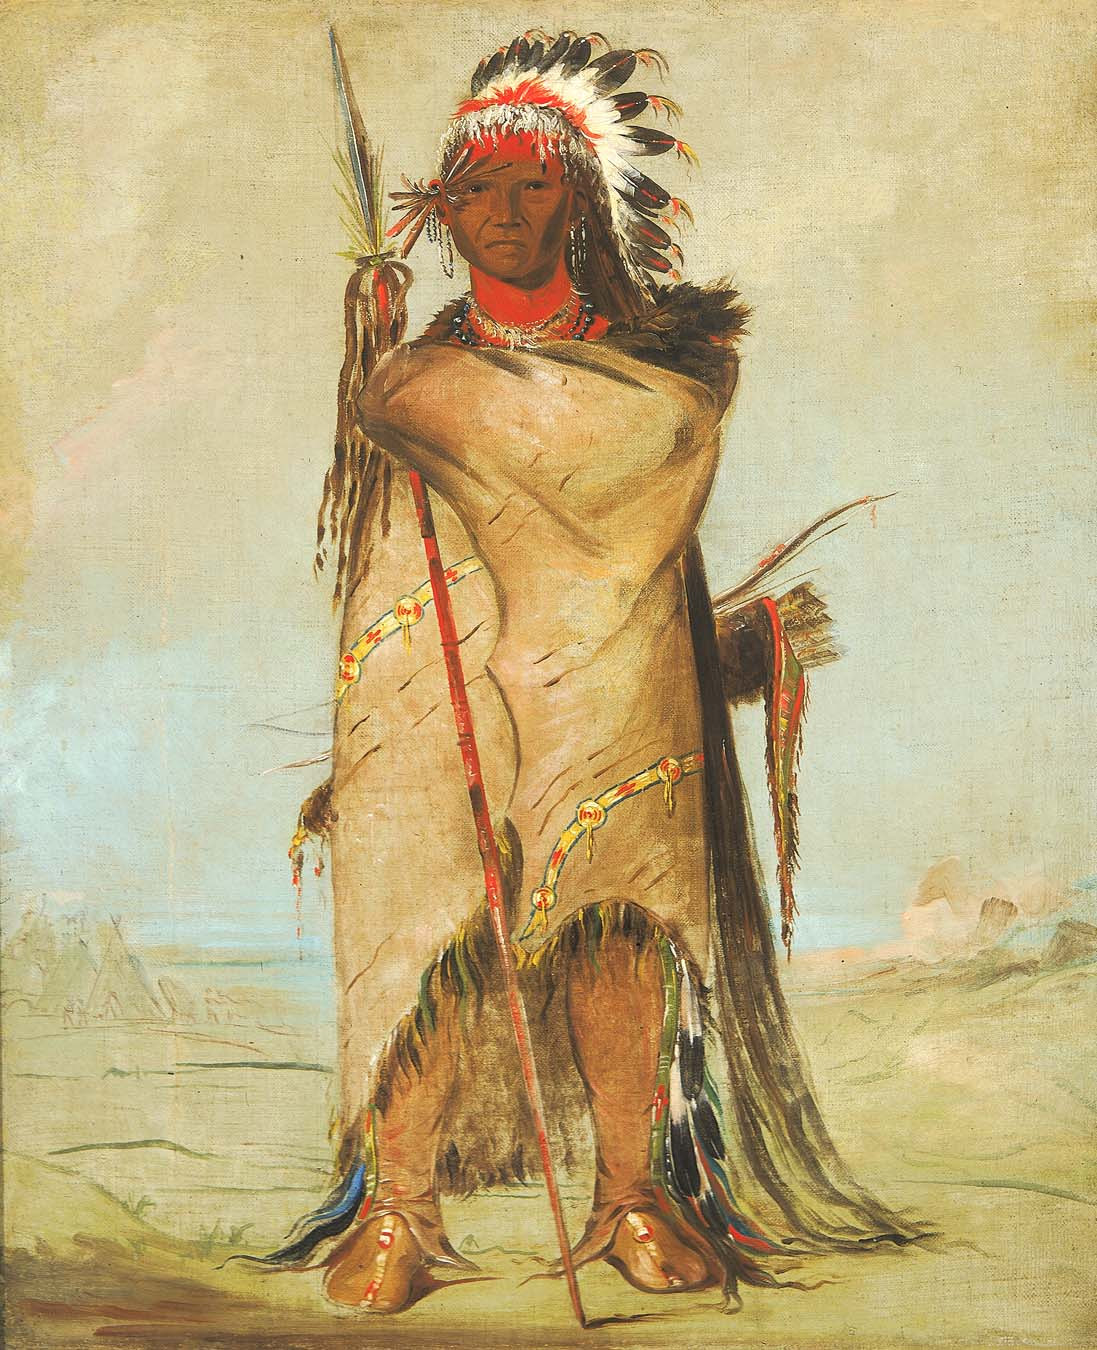 Buffalo robe - Wikipedia